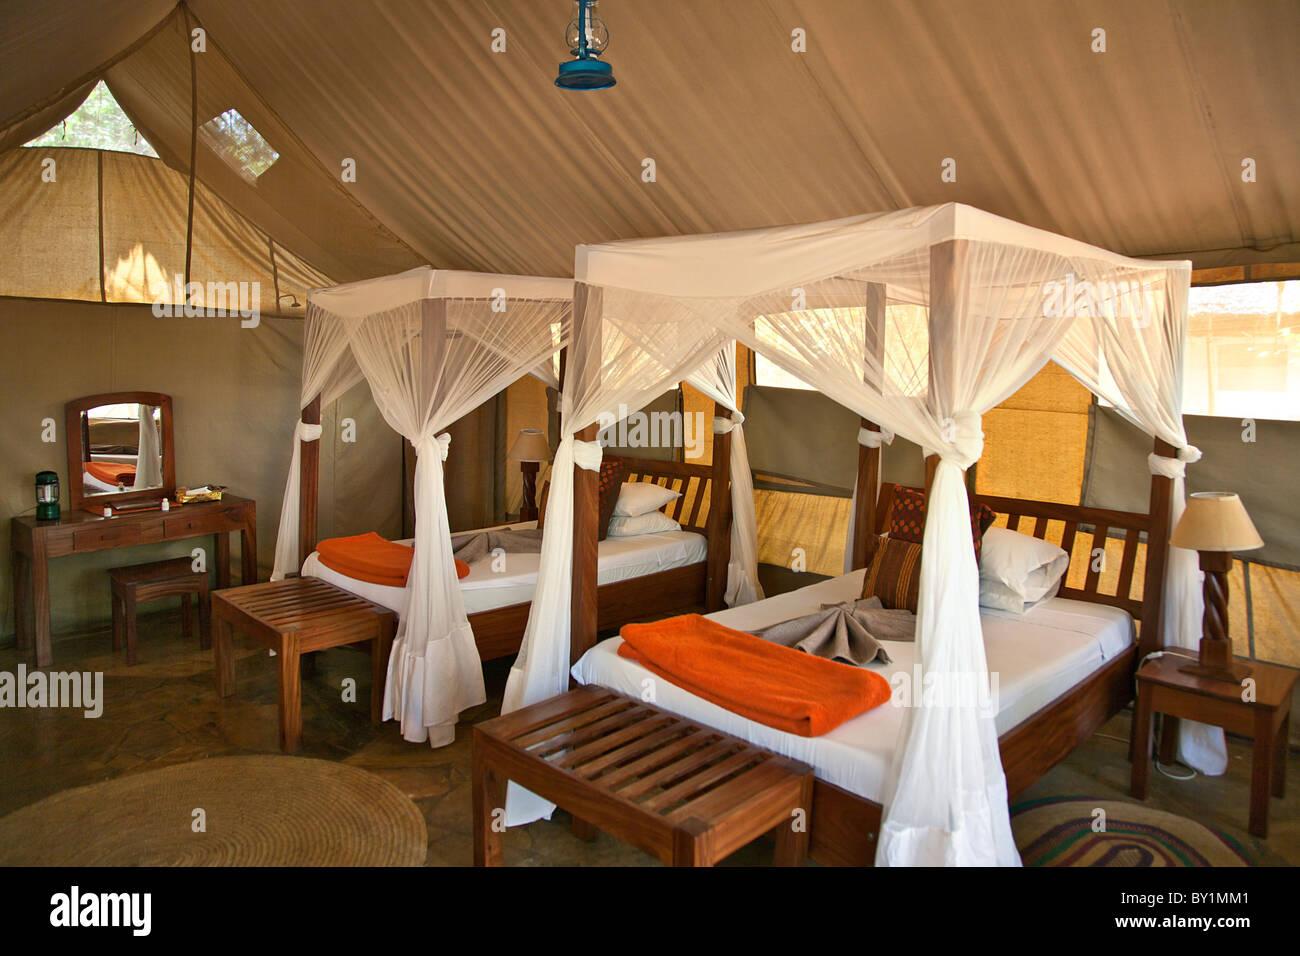 Tented alloggi a Selous Riverside Safari Camp situato sulle rive del fiume Rufiji appena fuori Selous Immagini Stock